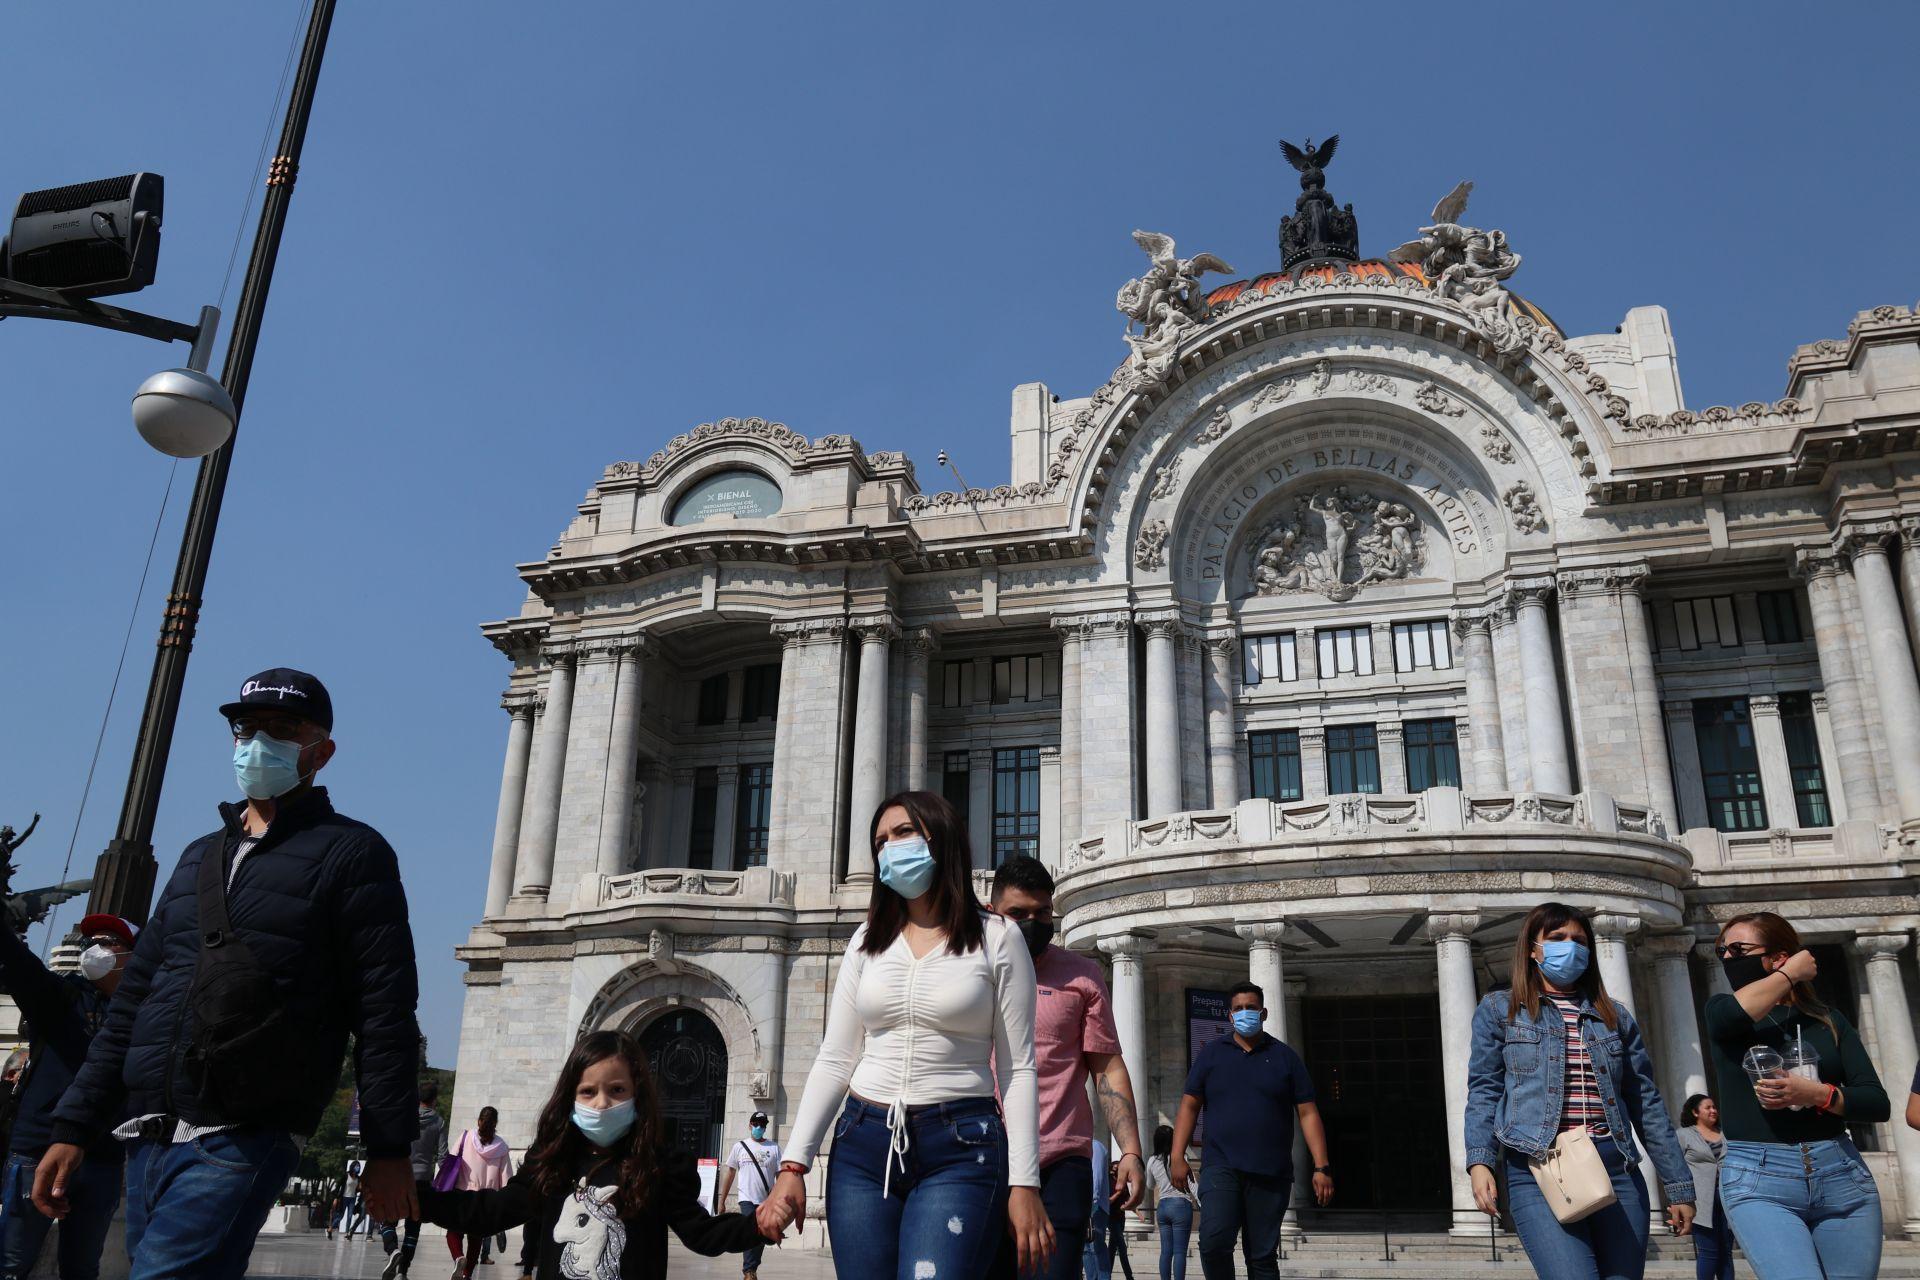 CIUDAD DE MÉXICO, 14NOVIEMBRE2020.- El Gobierno de la capital anunció el recorte de horarios en museos y teatros ante el incremento de hospitalizaciones por Covid-19 que se han registrado durante la última semana. En la imagen, traseuntes frente al Palacio de Bellas Artes.